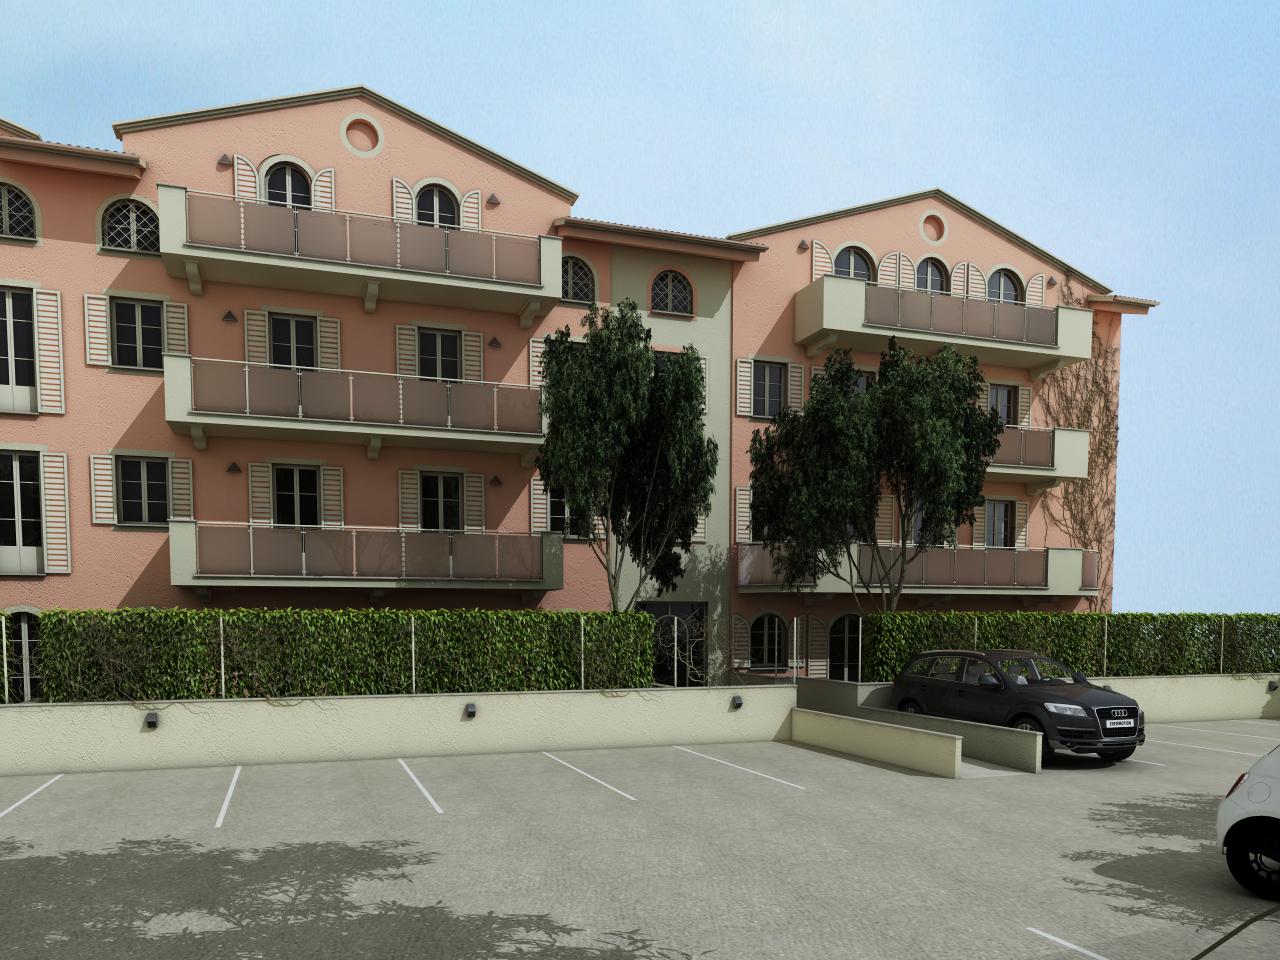 nuova-costruzione-di-fabbricato-residenziale-in-lucca-frazione-san-concordio-in-contrada-image-4